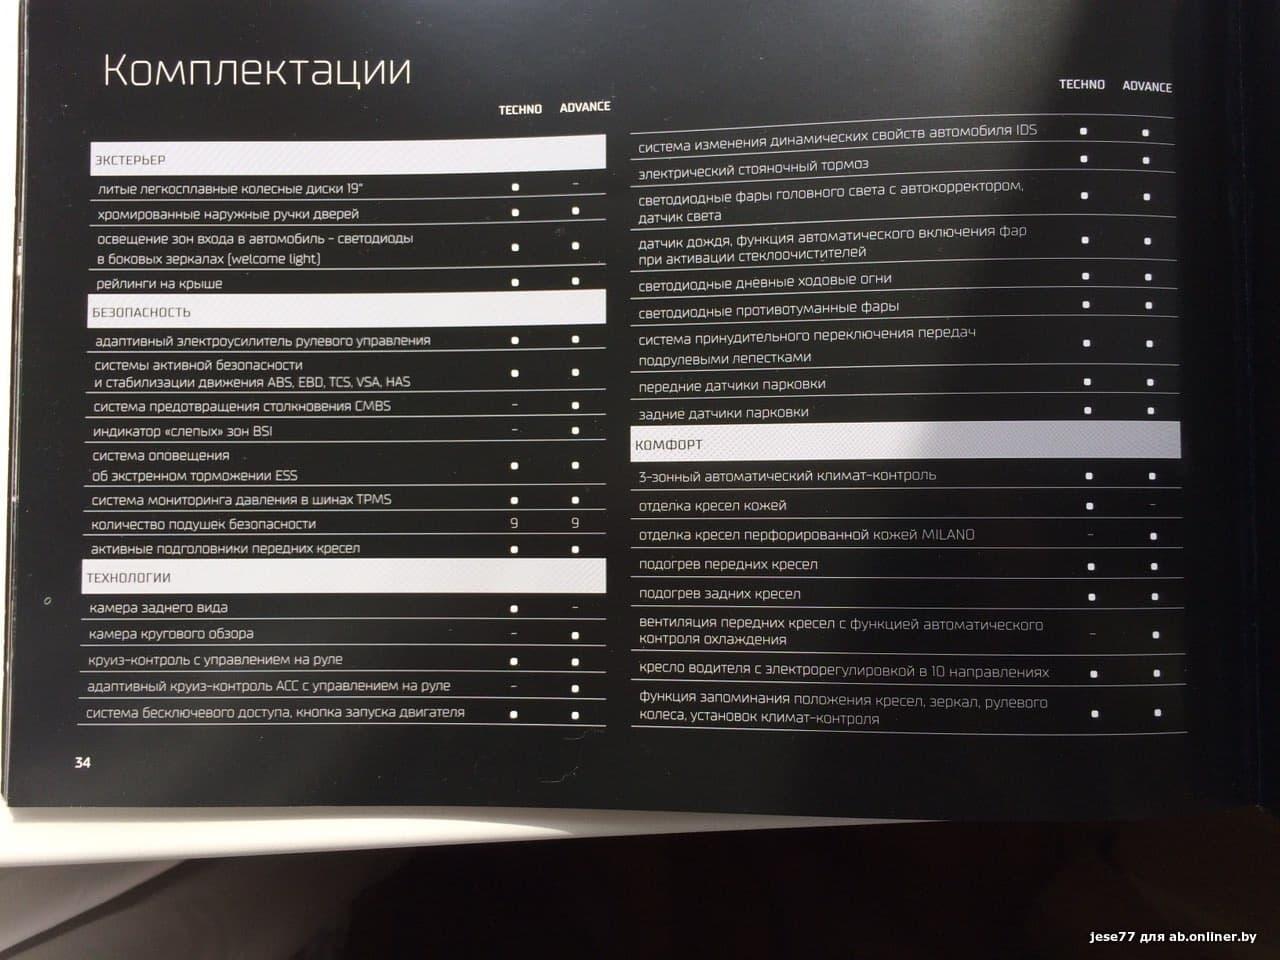 Acura MDX Techno